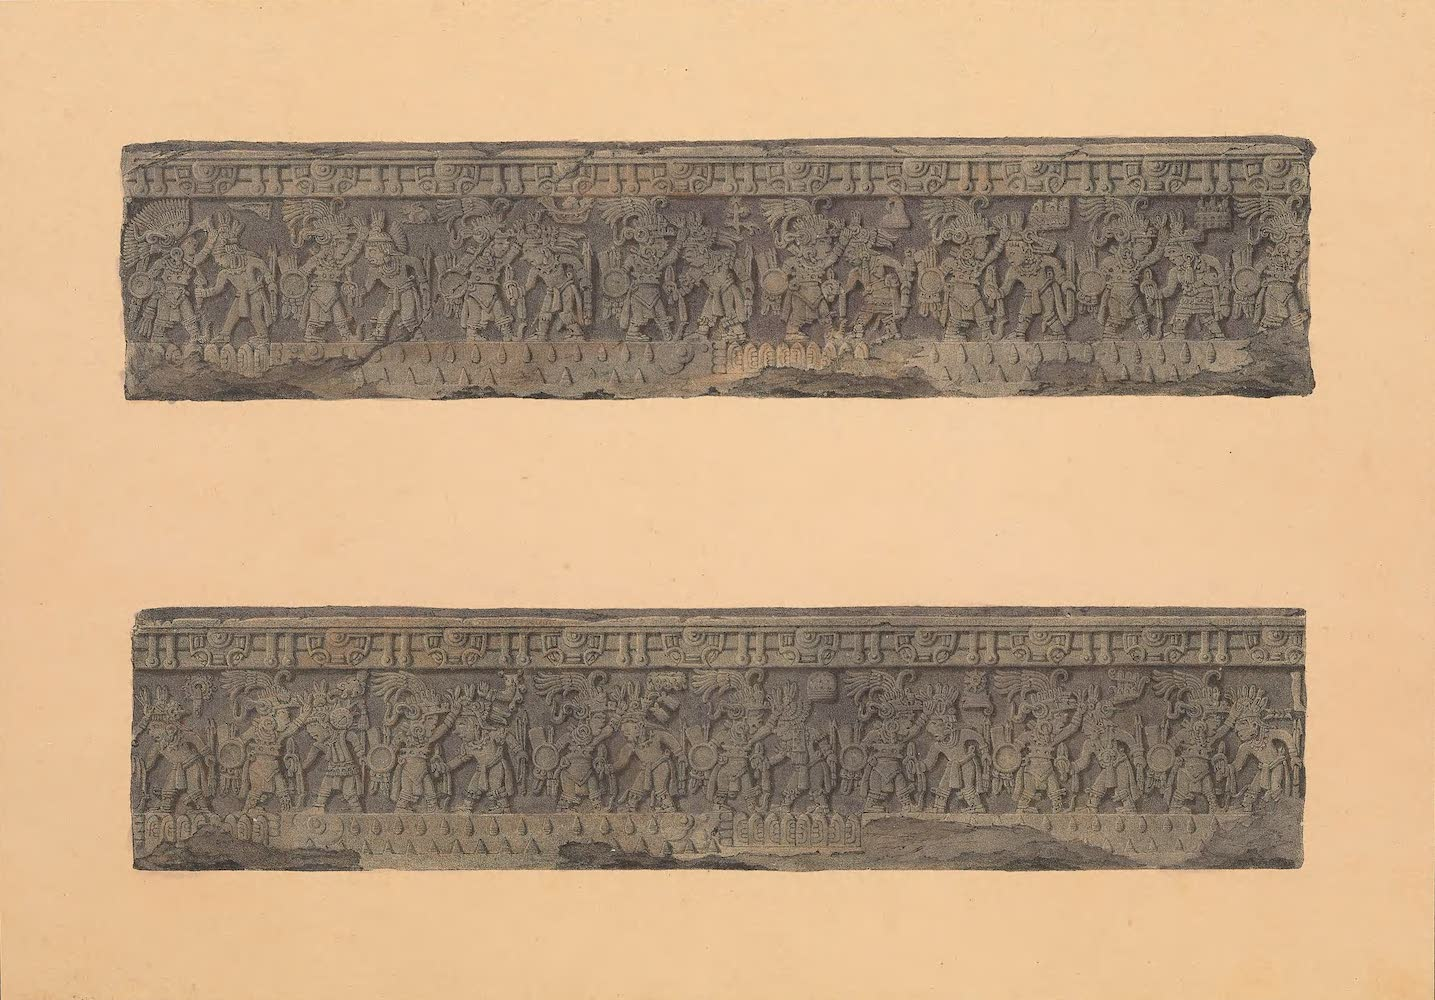 Coleccion de las Antiguedades Mexicanas - Bajo-Relieve de la Piedra de Sacrificio (1827)